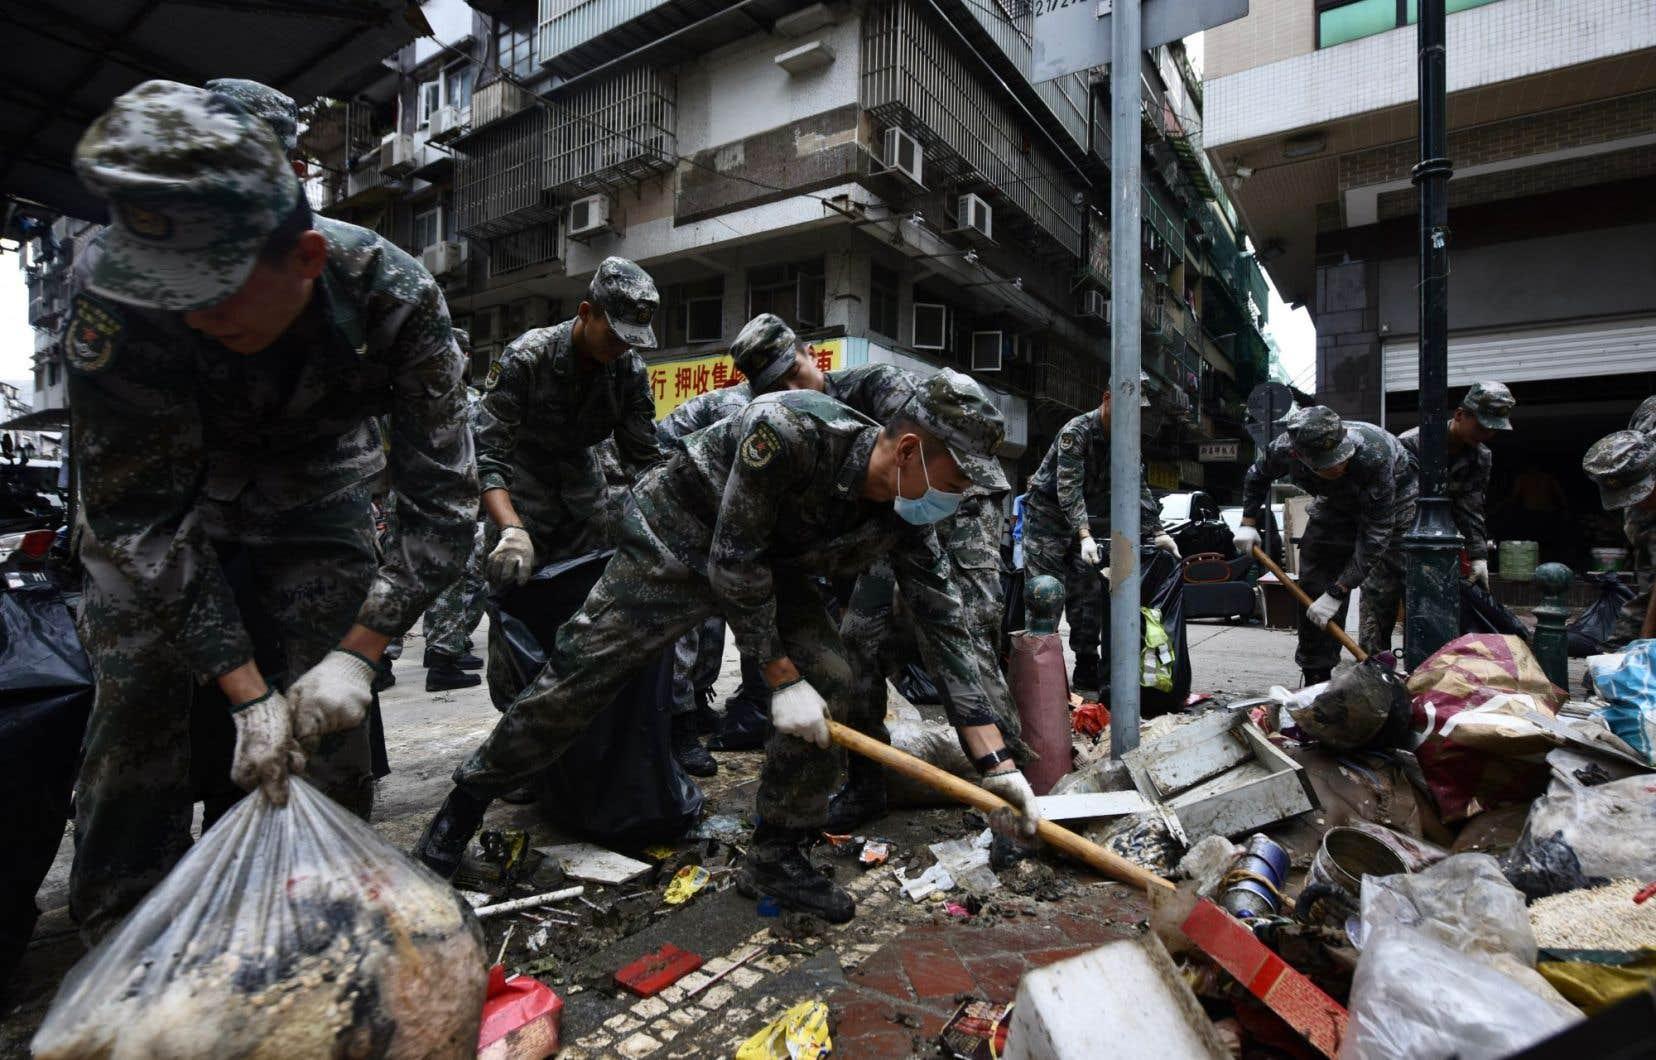 Des soldats de l'armée chinoise aident à éliminer les débris dand une rue à Macao.